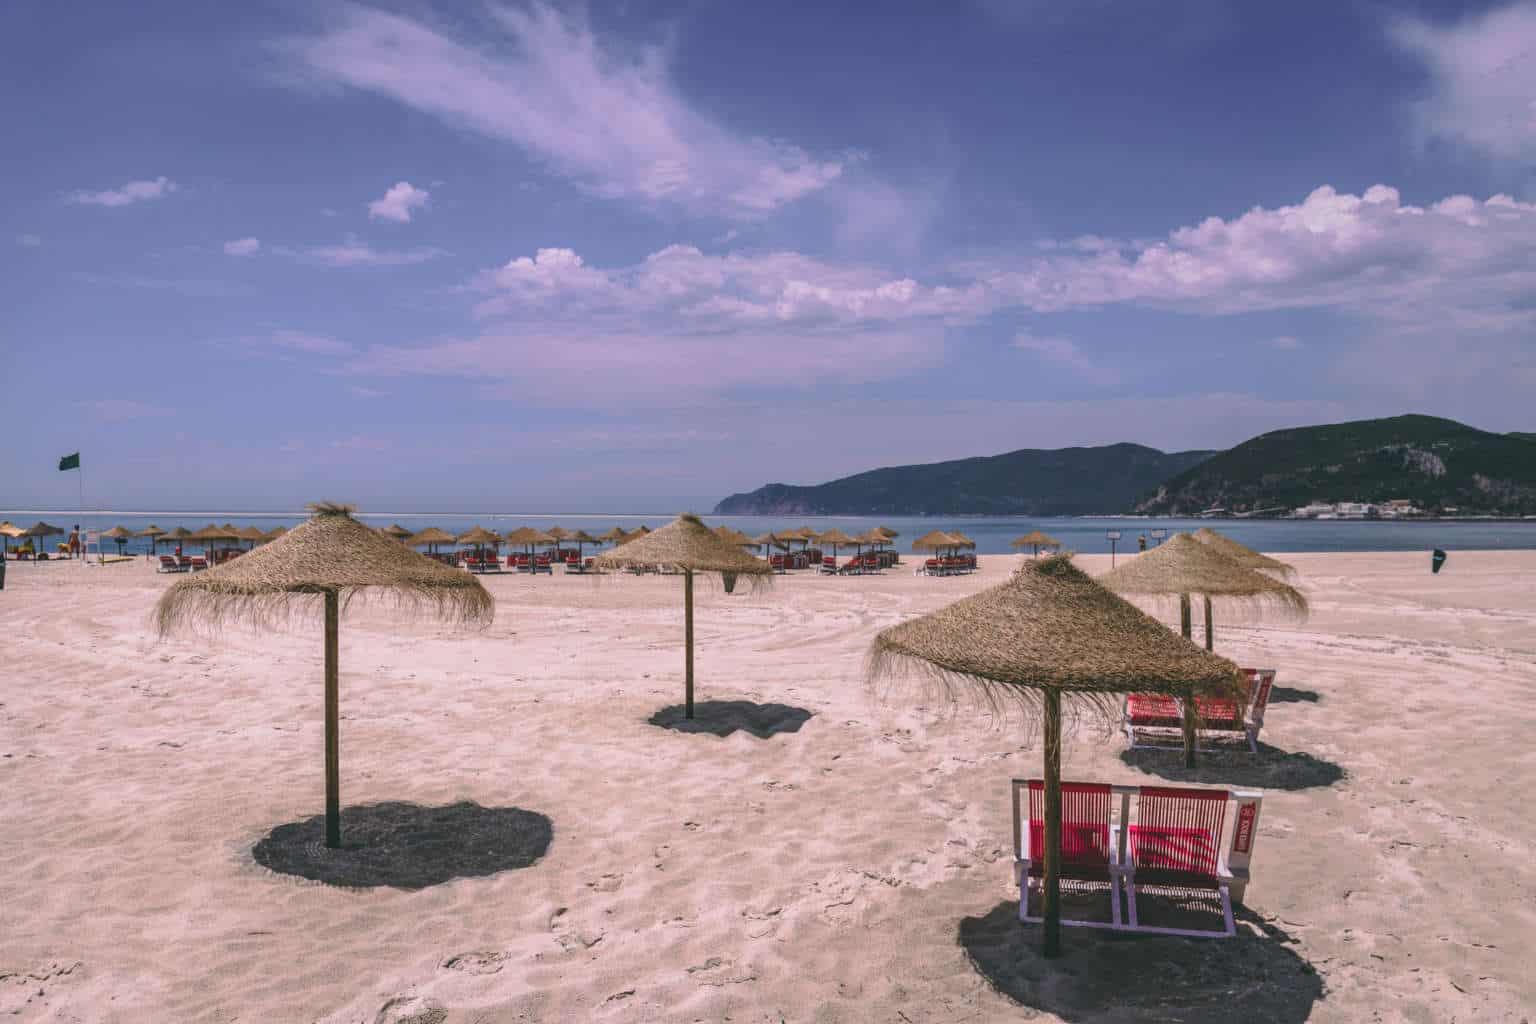 Półwysep Troia - najlepsze plażowanie w pobliżu Lizbony